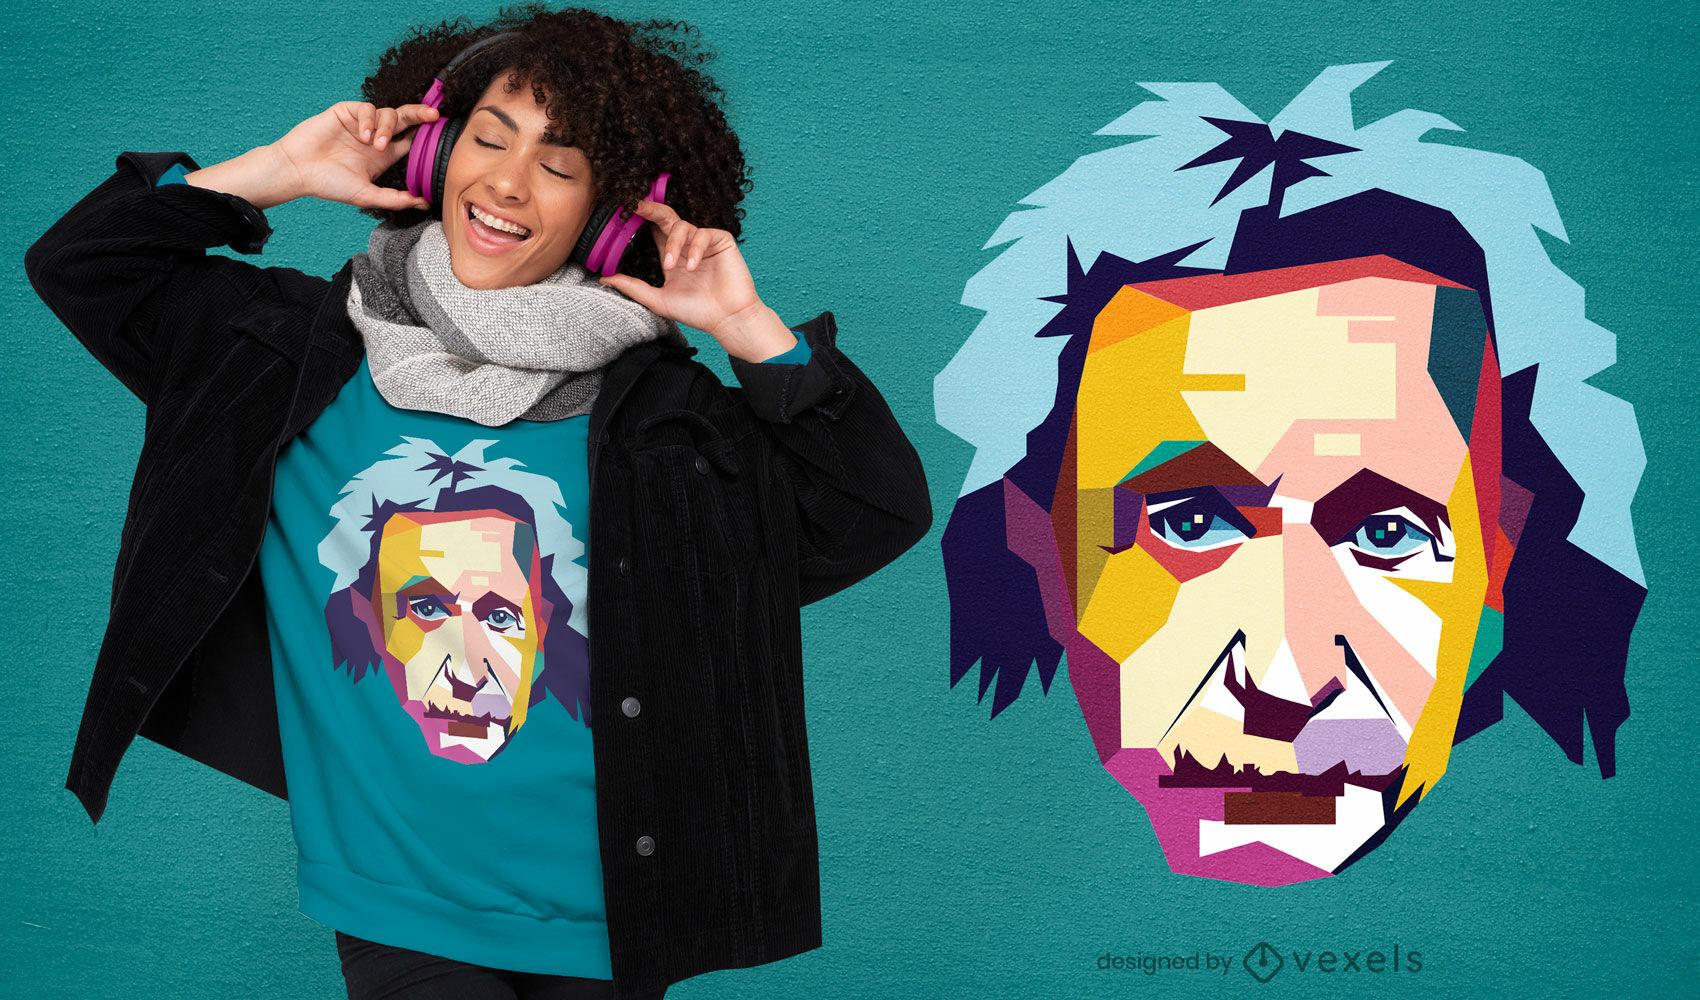 Dise?o de camiseta semi plana de Einstein